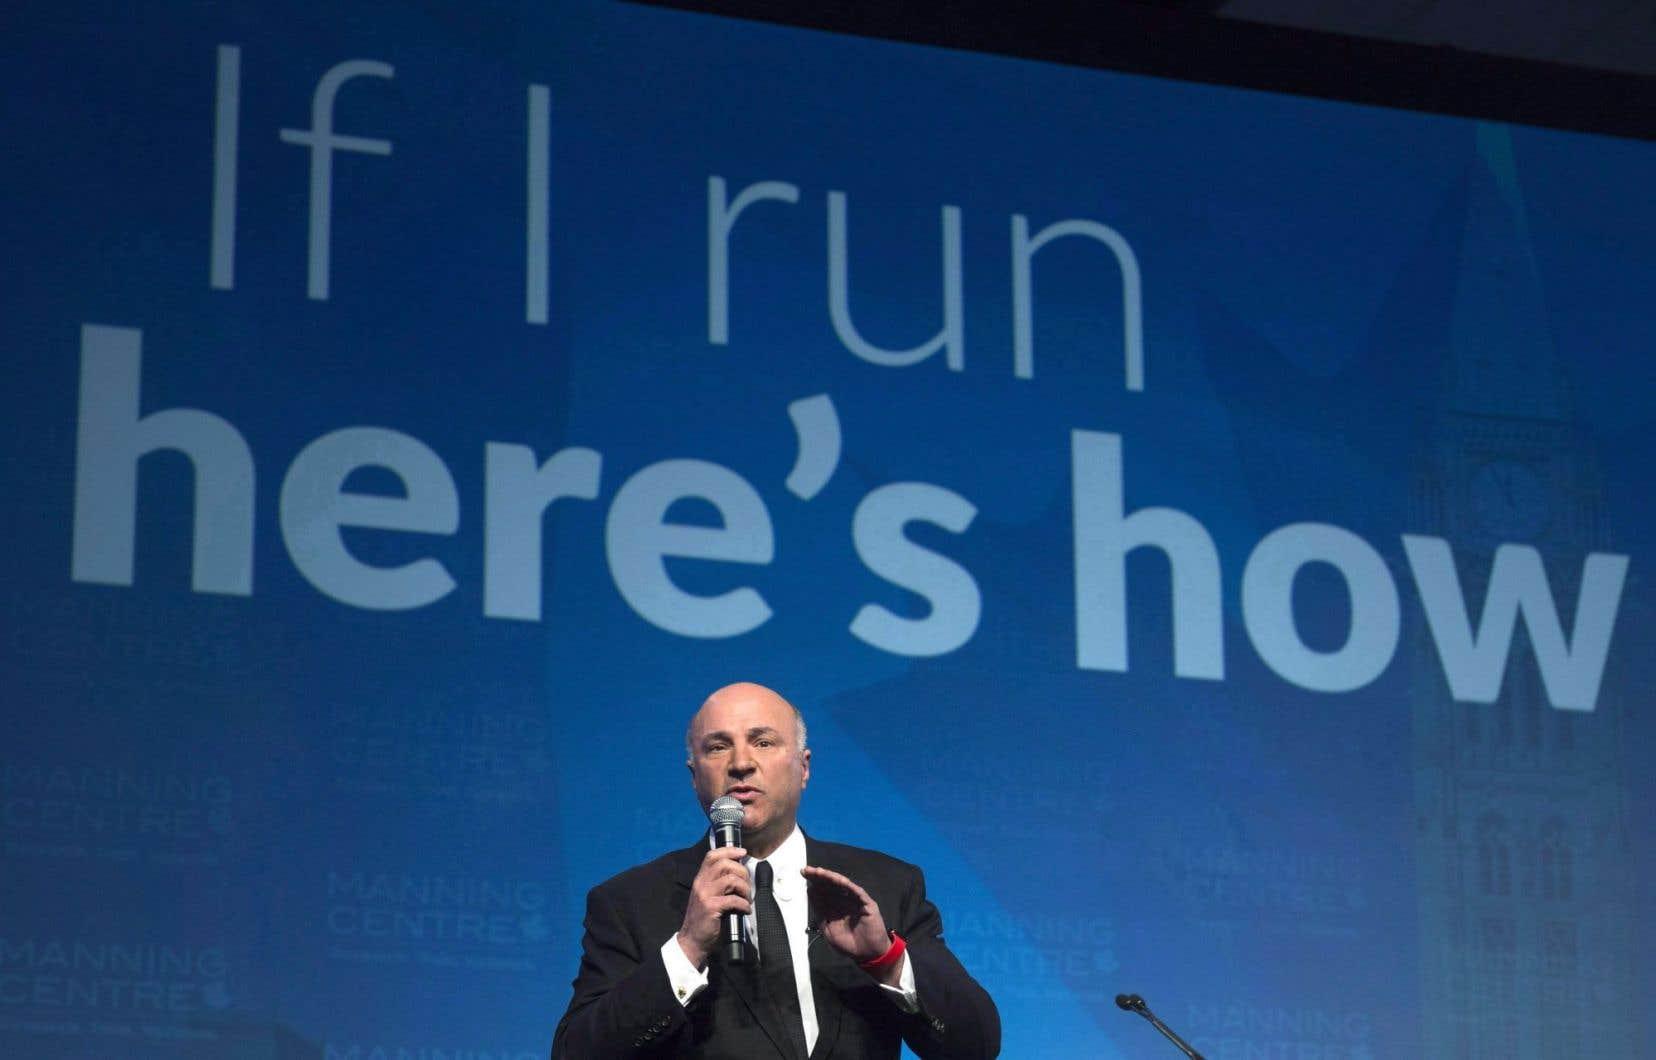 L'homme d'affaires Kevin O'Leary n'a pas décidé s'il entrera dans la course à la direction conservatrice, mais cela n'empêche pas ceux qui sont déjà officiellement candidats de l'attaquer.